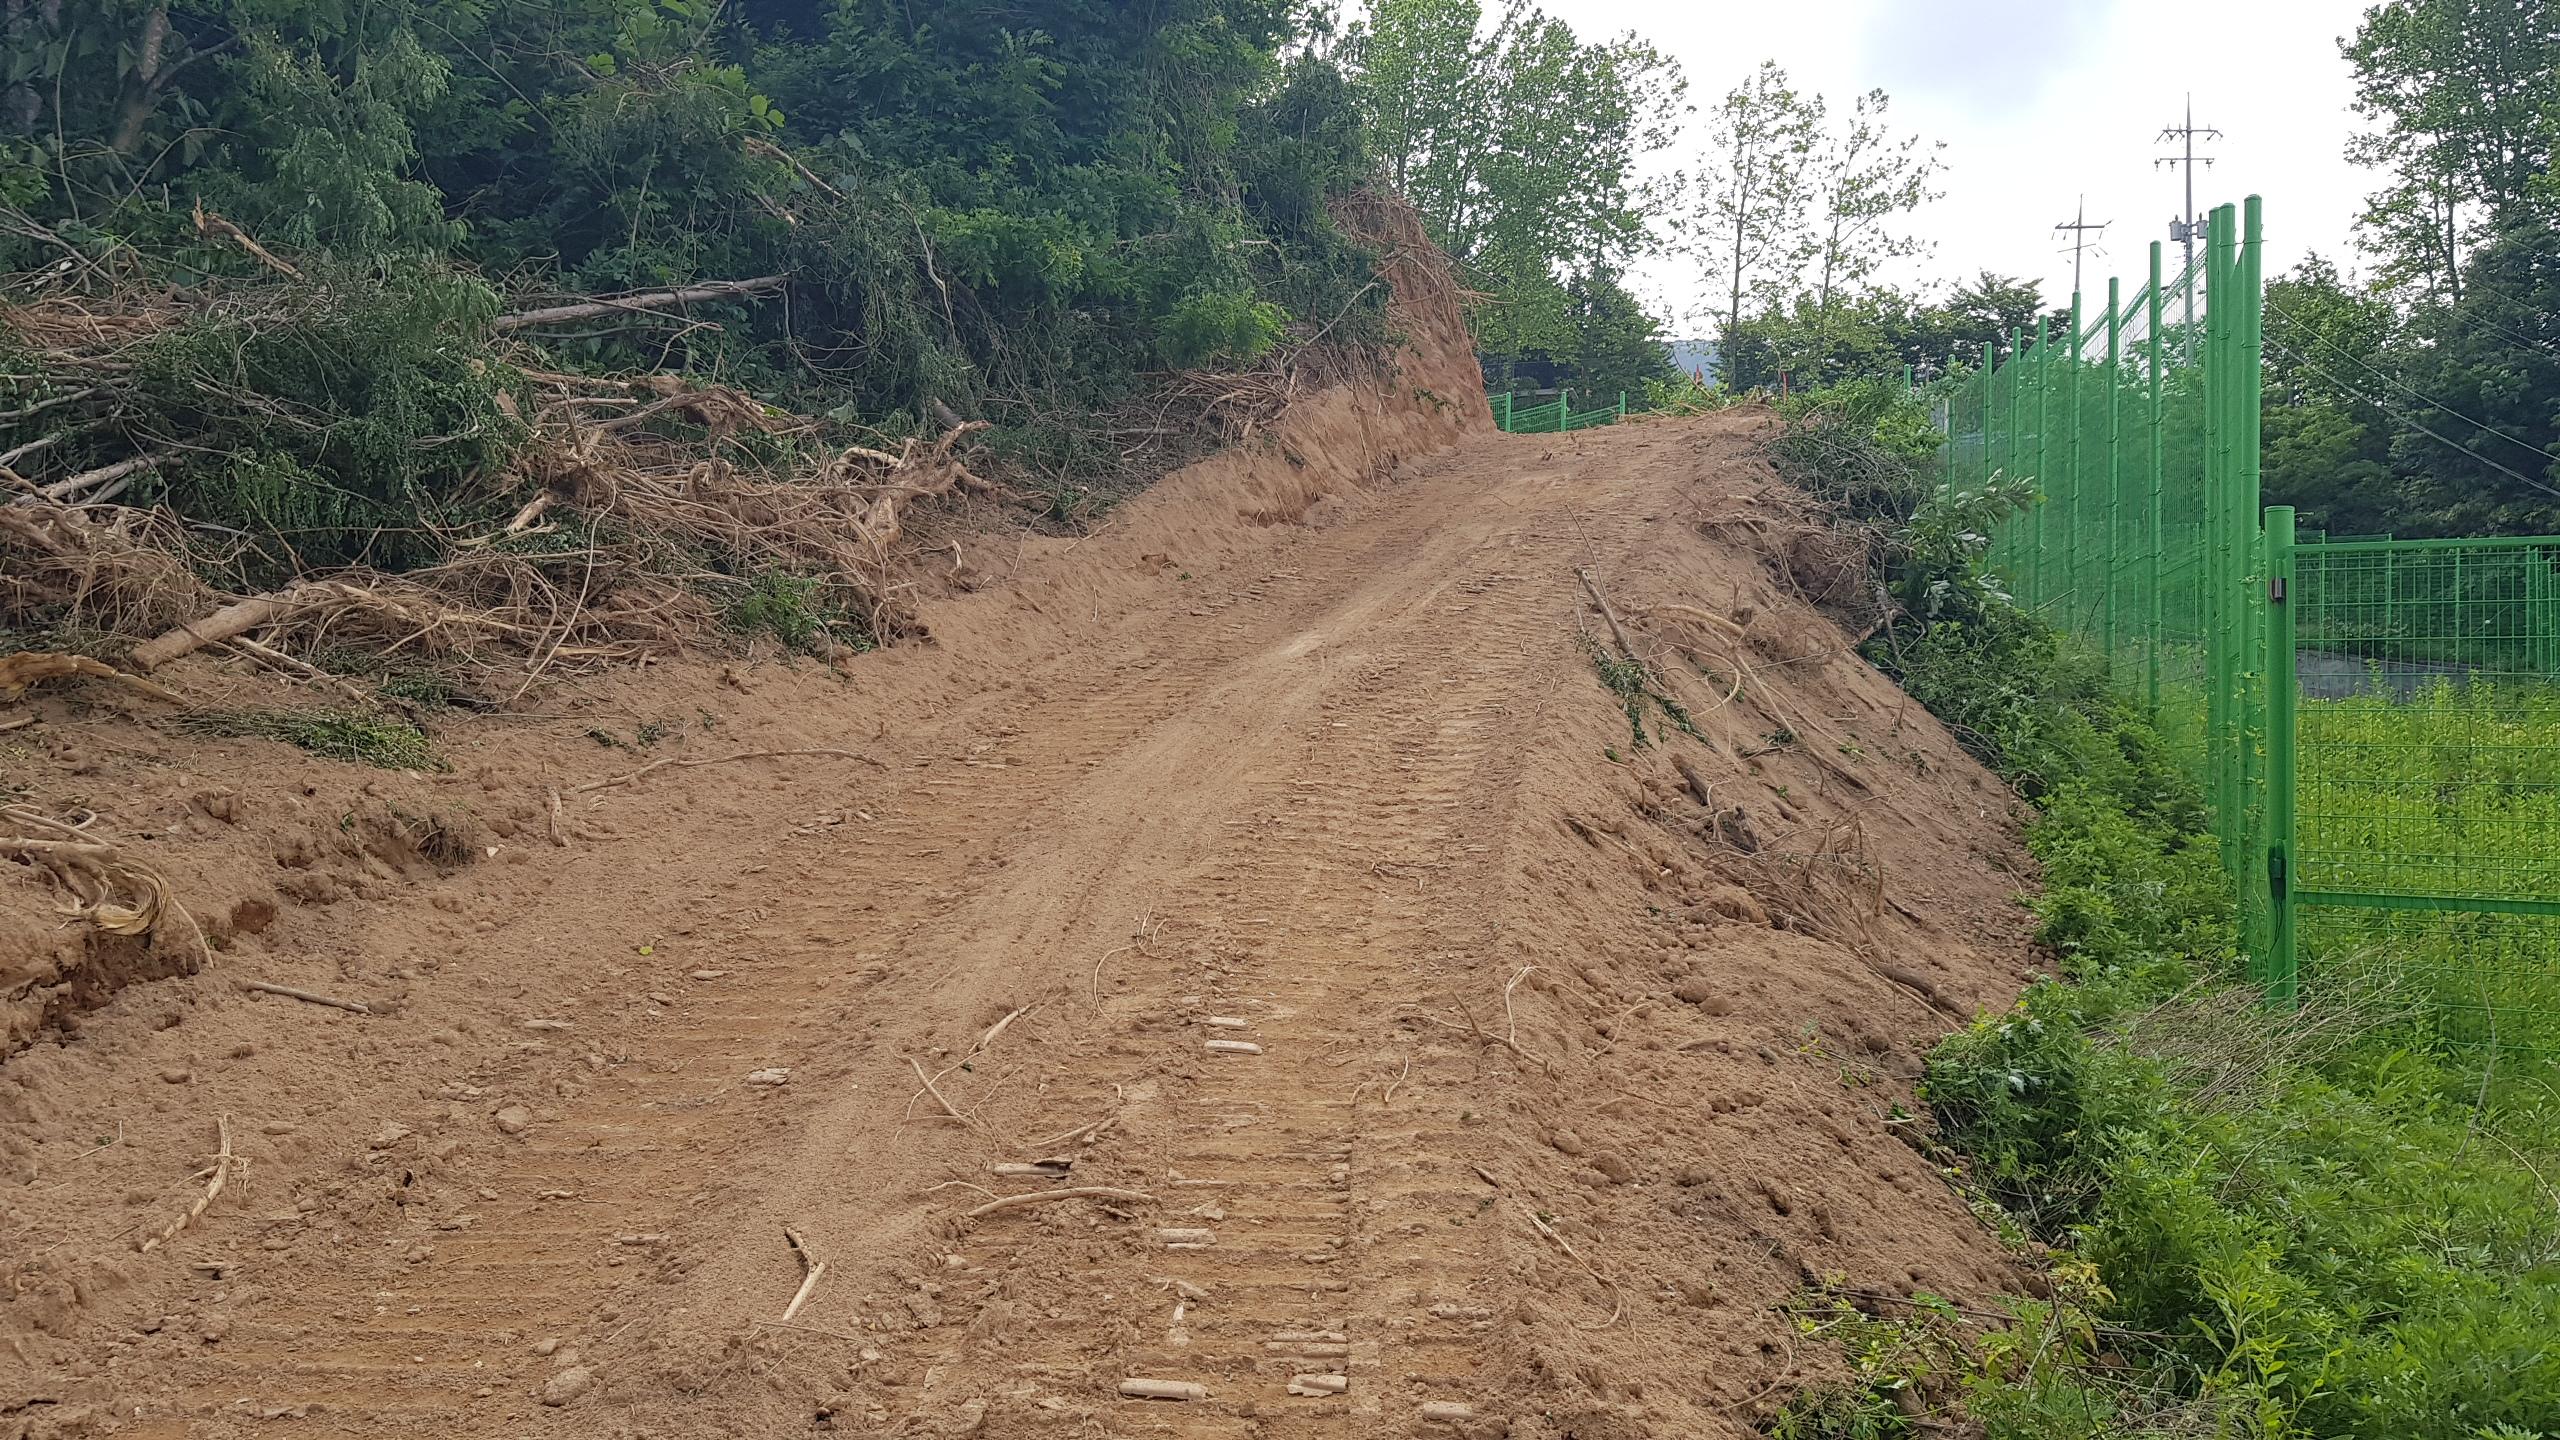 울진국유림관리소, 여름철 산림내 불법행위 특별단속 실시 이미지1